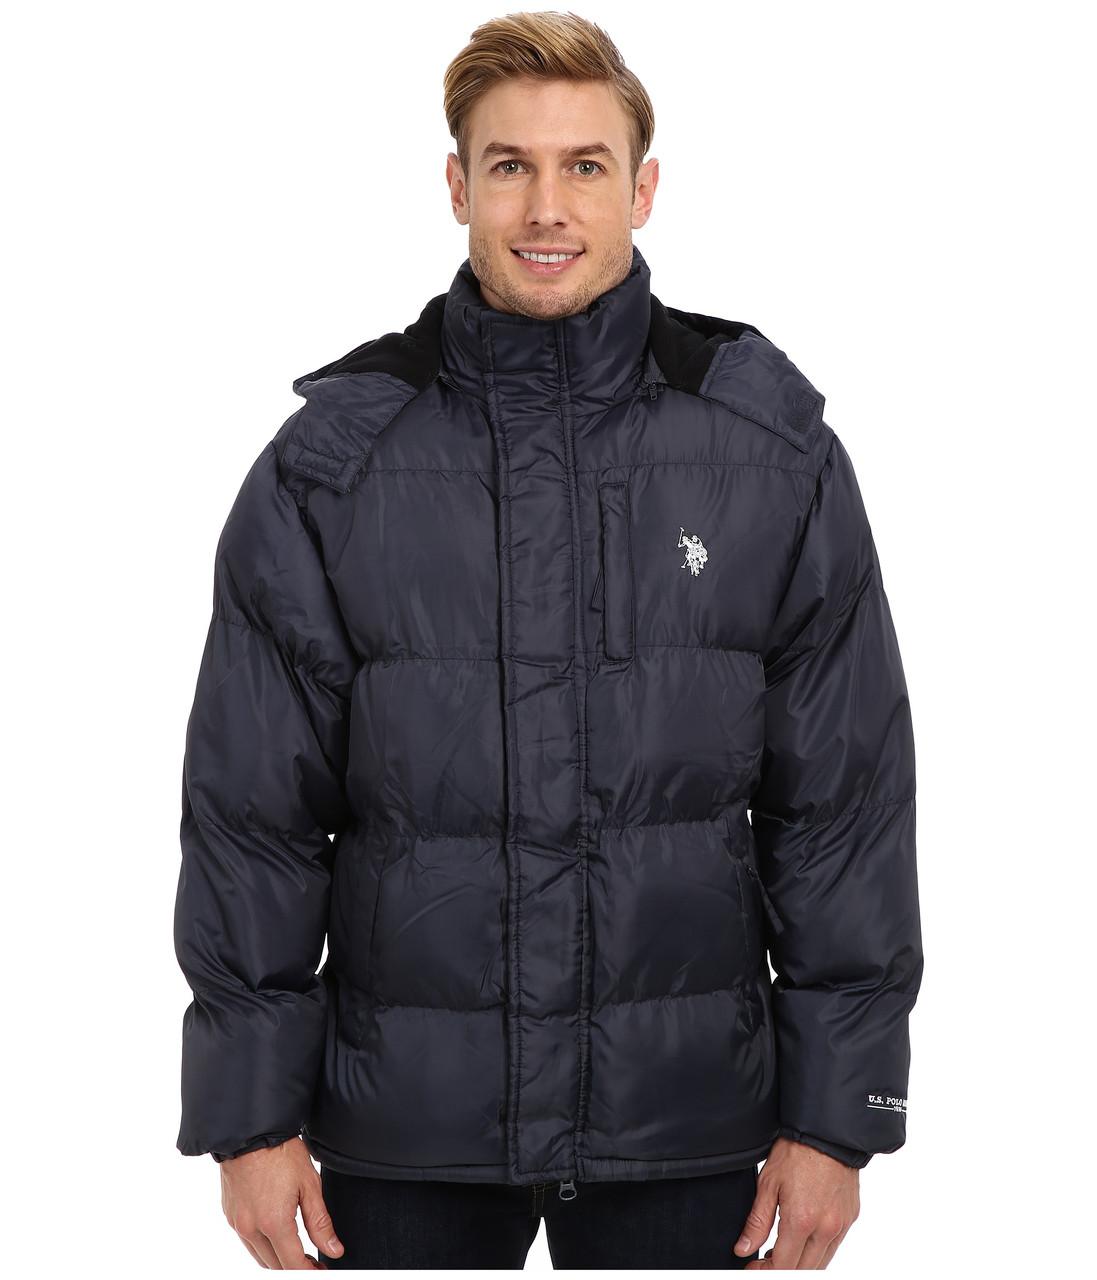 Куртка U.S. Polo Assn., XL, Classic Navy, 105256Q8-CLNV